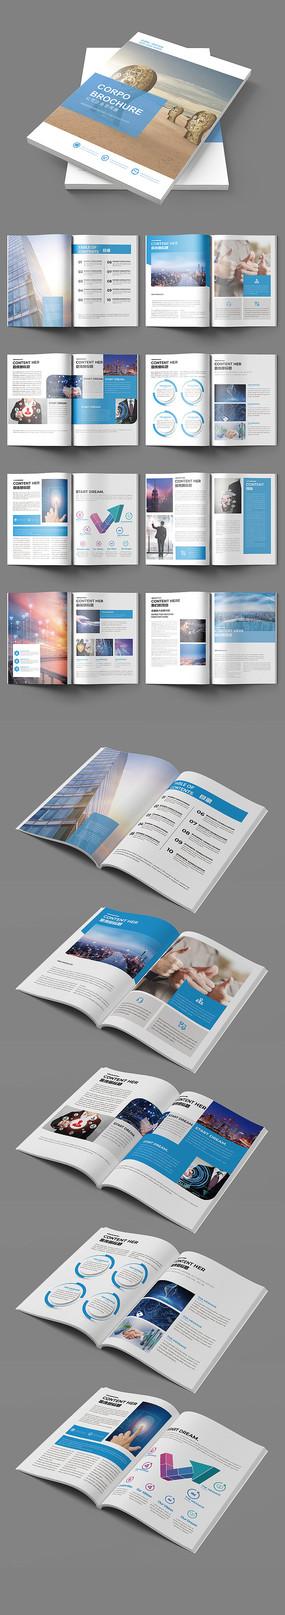 蓝色企业公司画册设计